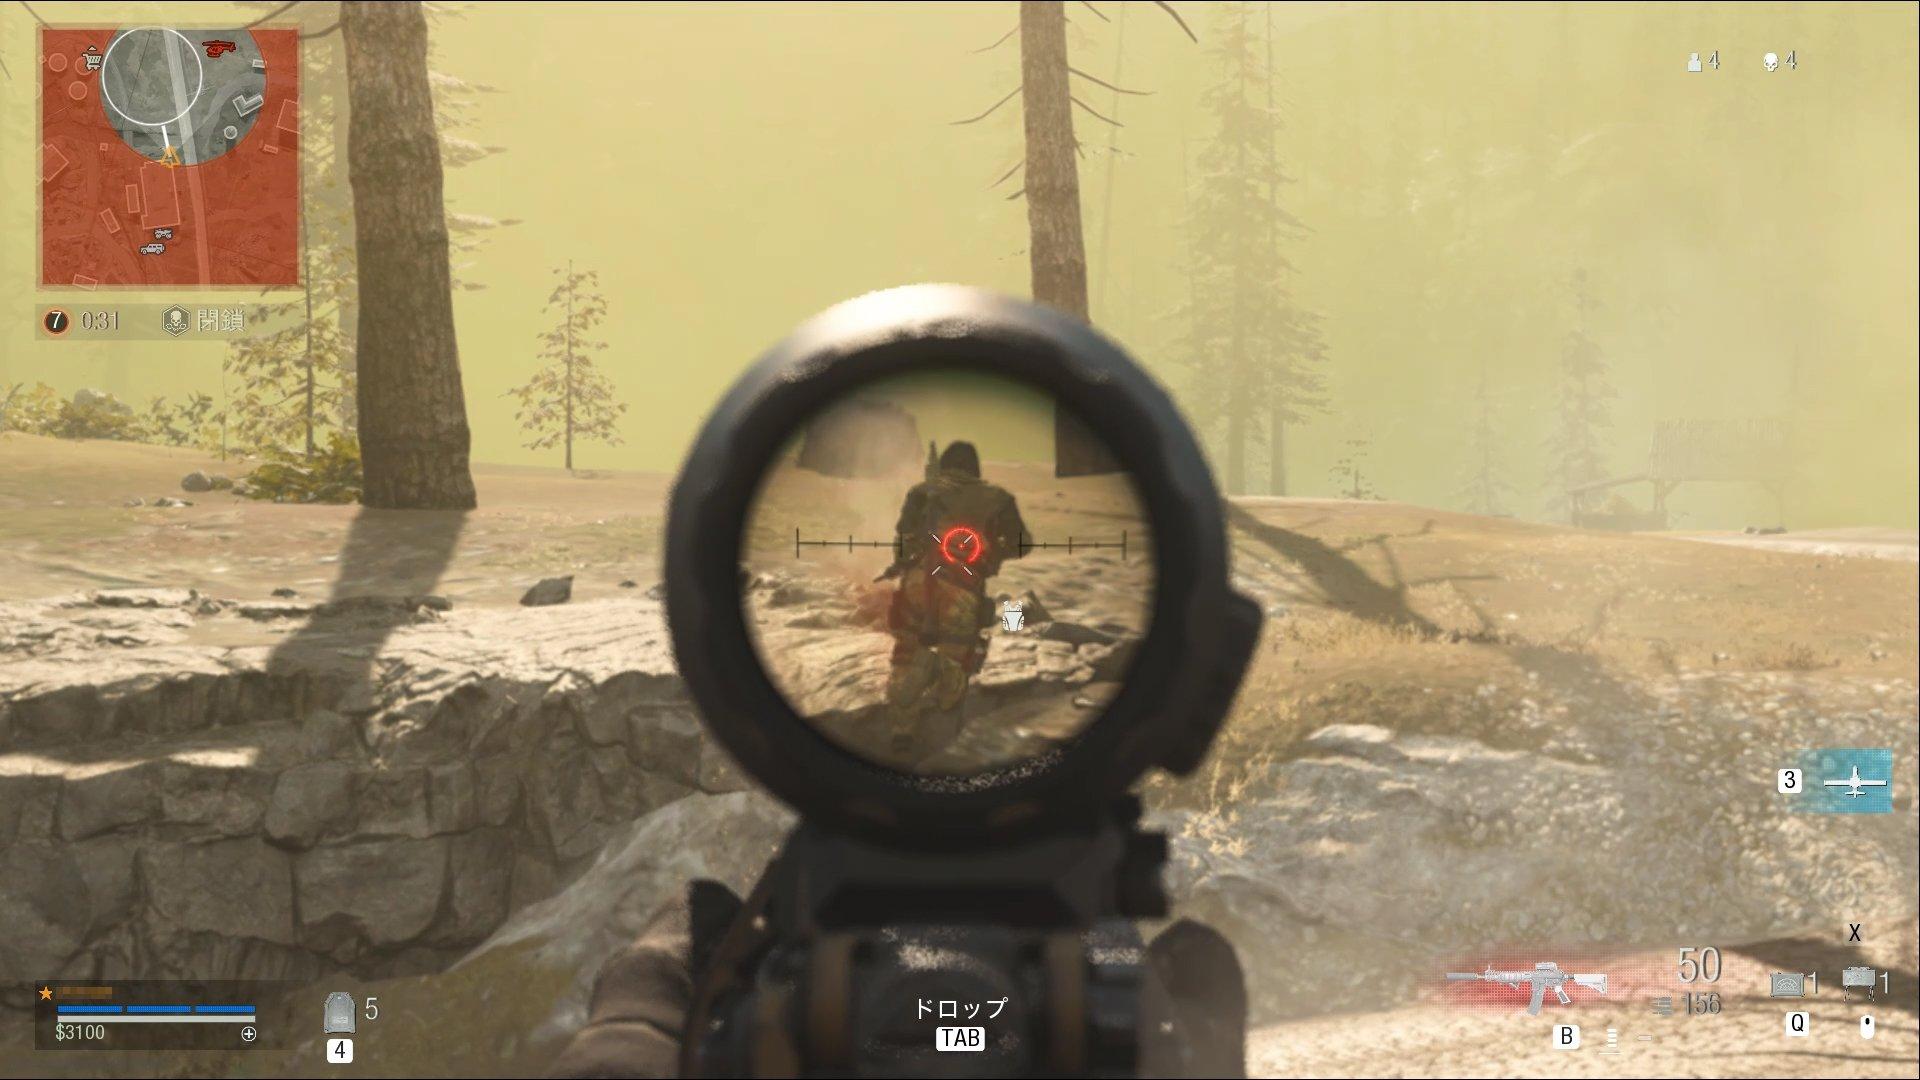 10日で3000万人がプレイ! 新作『Call of Duty:Warzone』は今年の覇者となるか!?【おっさんゲーマーの無料ゲーム放浪記・第2回】の画像004